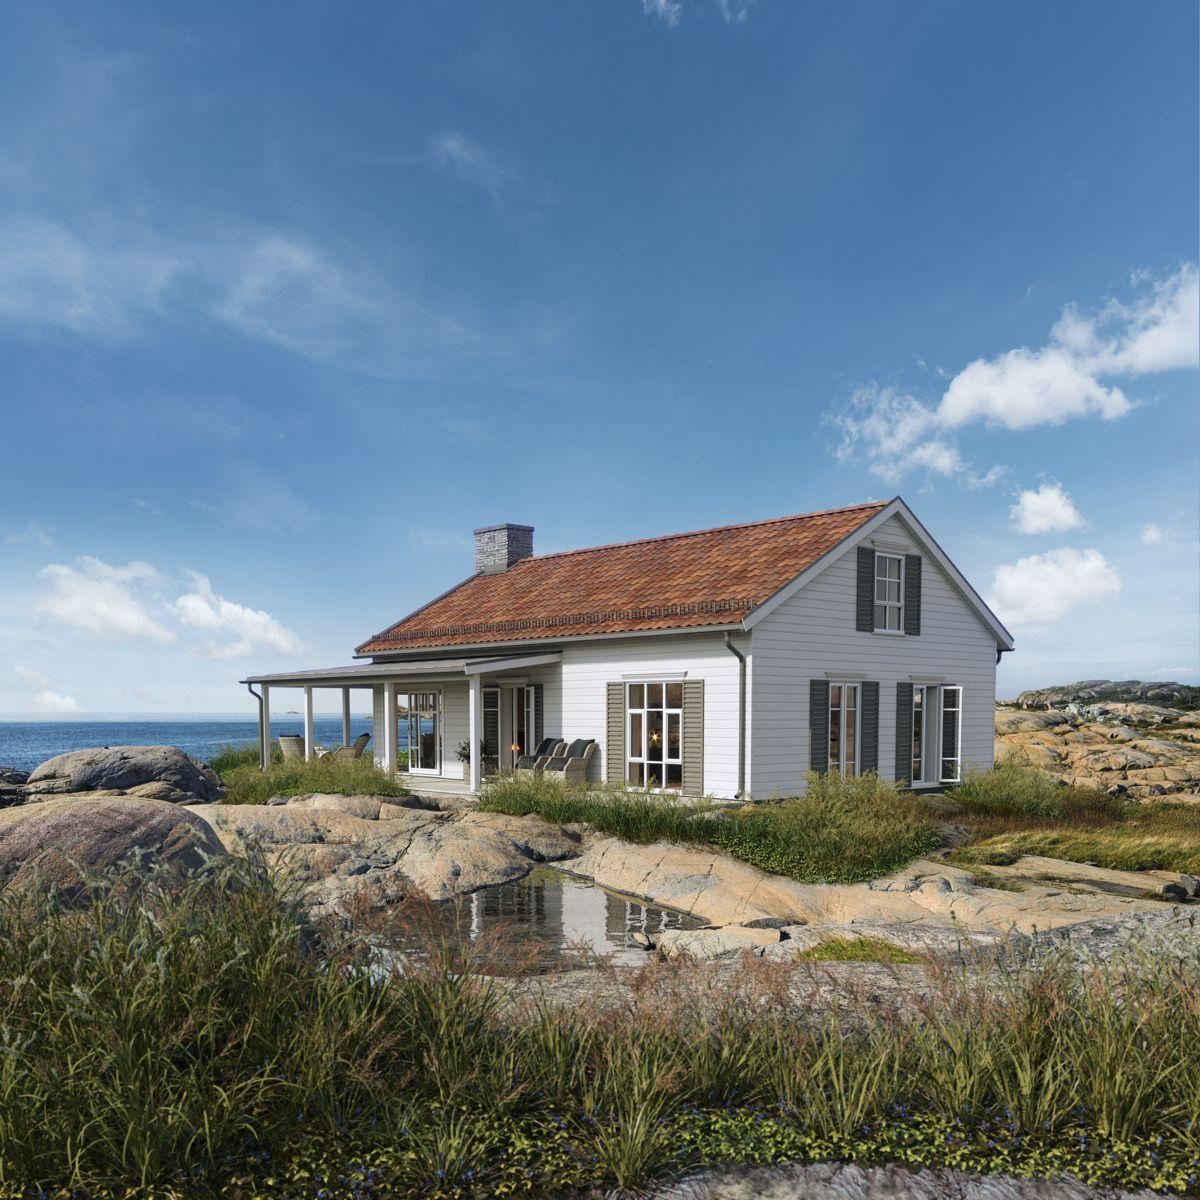 Den nye hytteserien består av to sjøhytter og to fjellhytter. Illustrasjon: BoligPartner